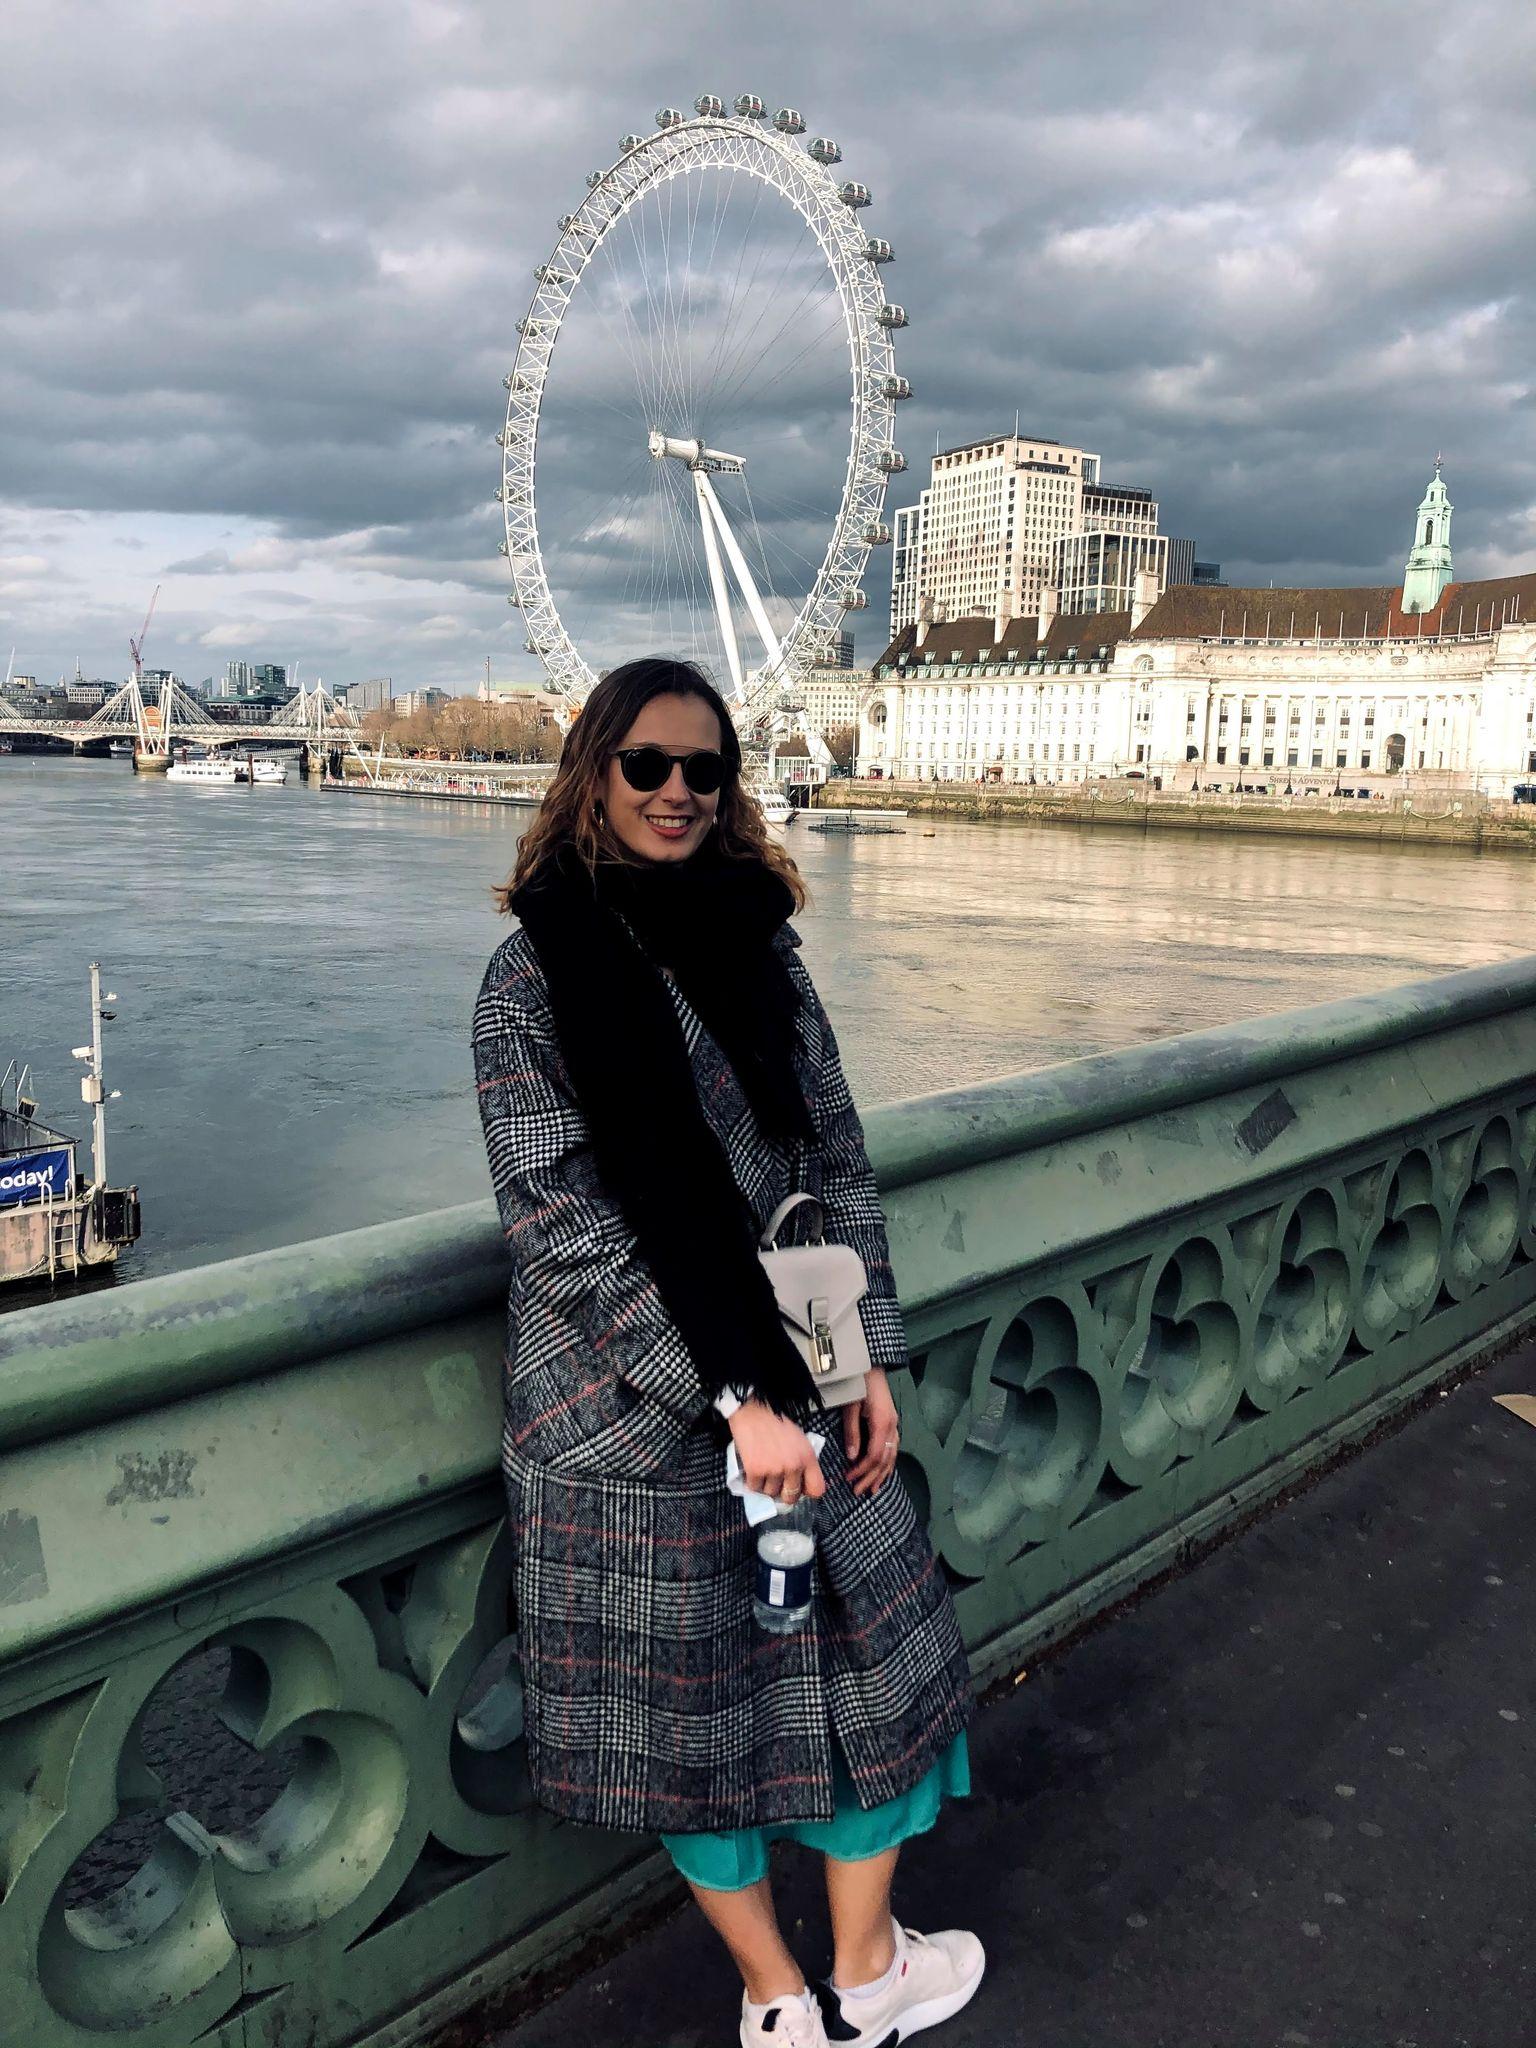 STORIE DAL MONDO – Martina, dall'anno sabbatico all'Università a Londra. Prossimo obiettivo, la laurea.